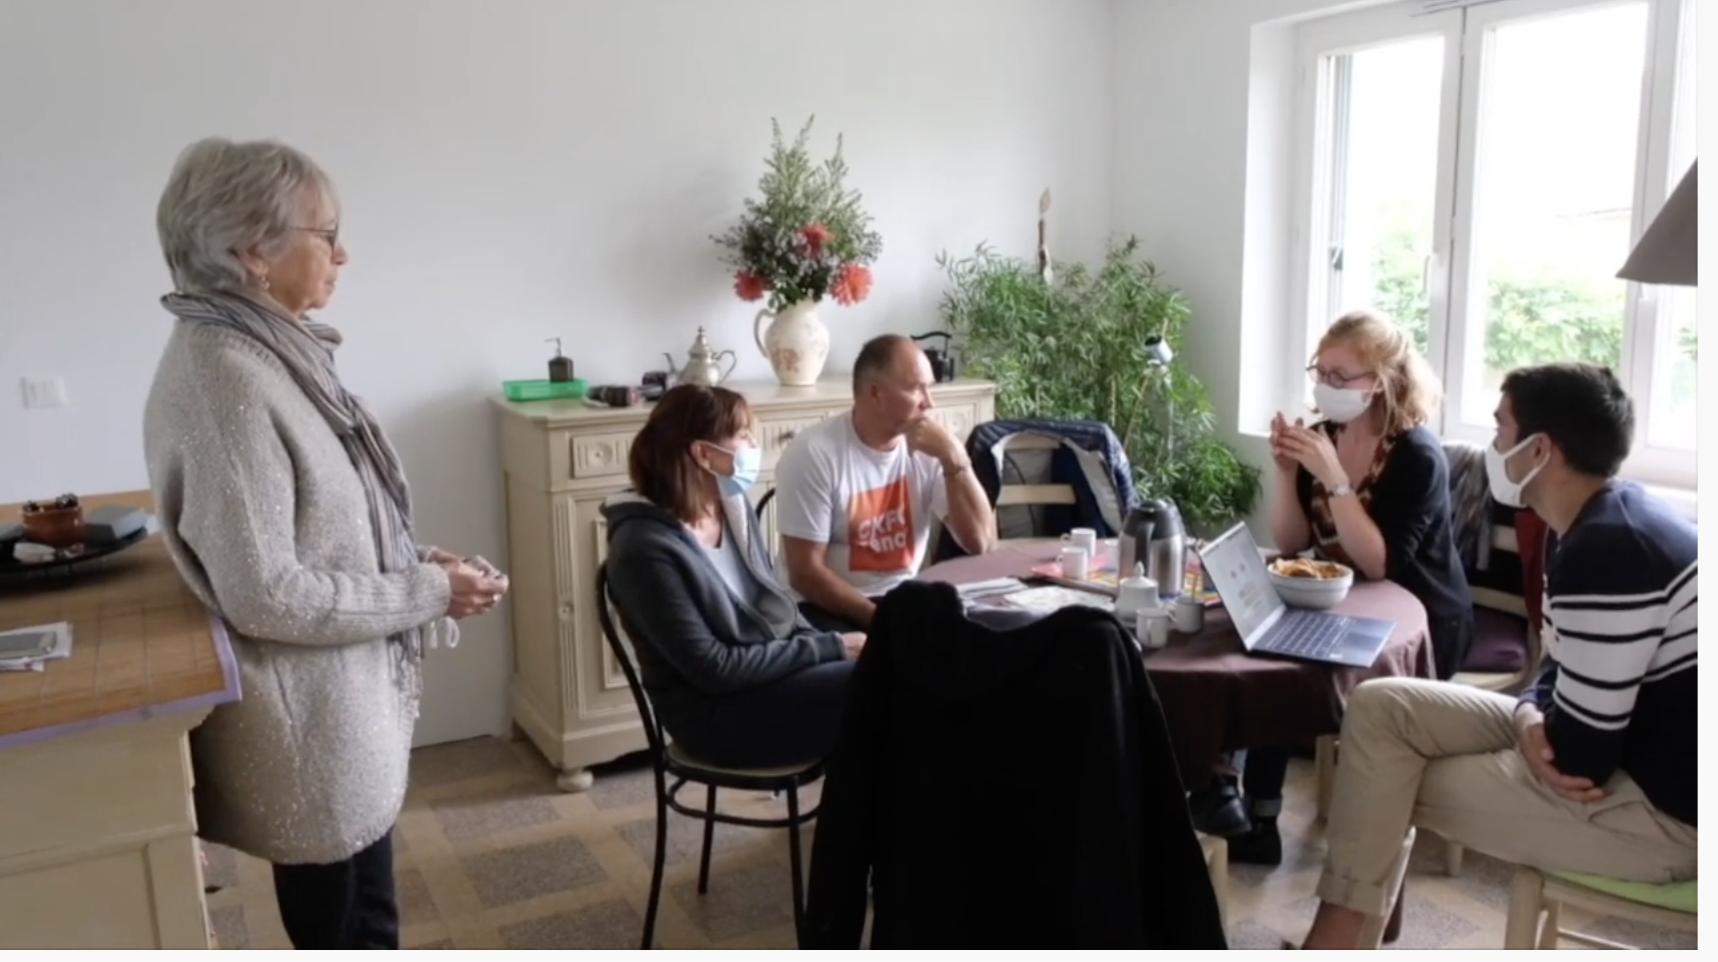 Rénovation globale réussie à Clairoix ! - Hauts-de-France Pass Rénovation